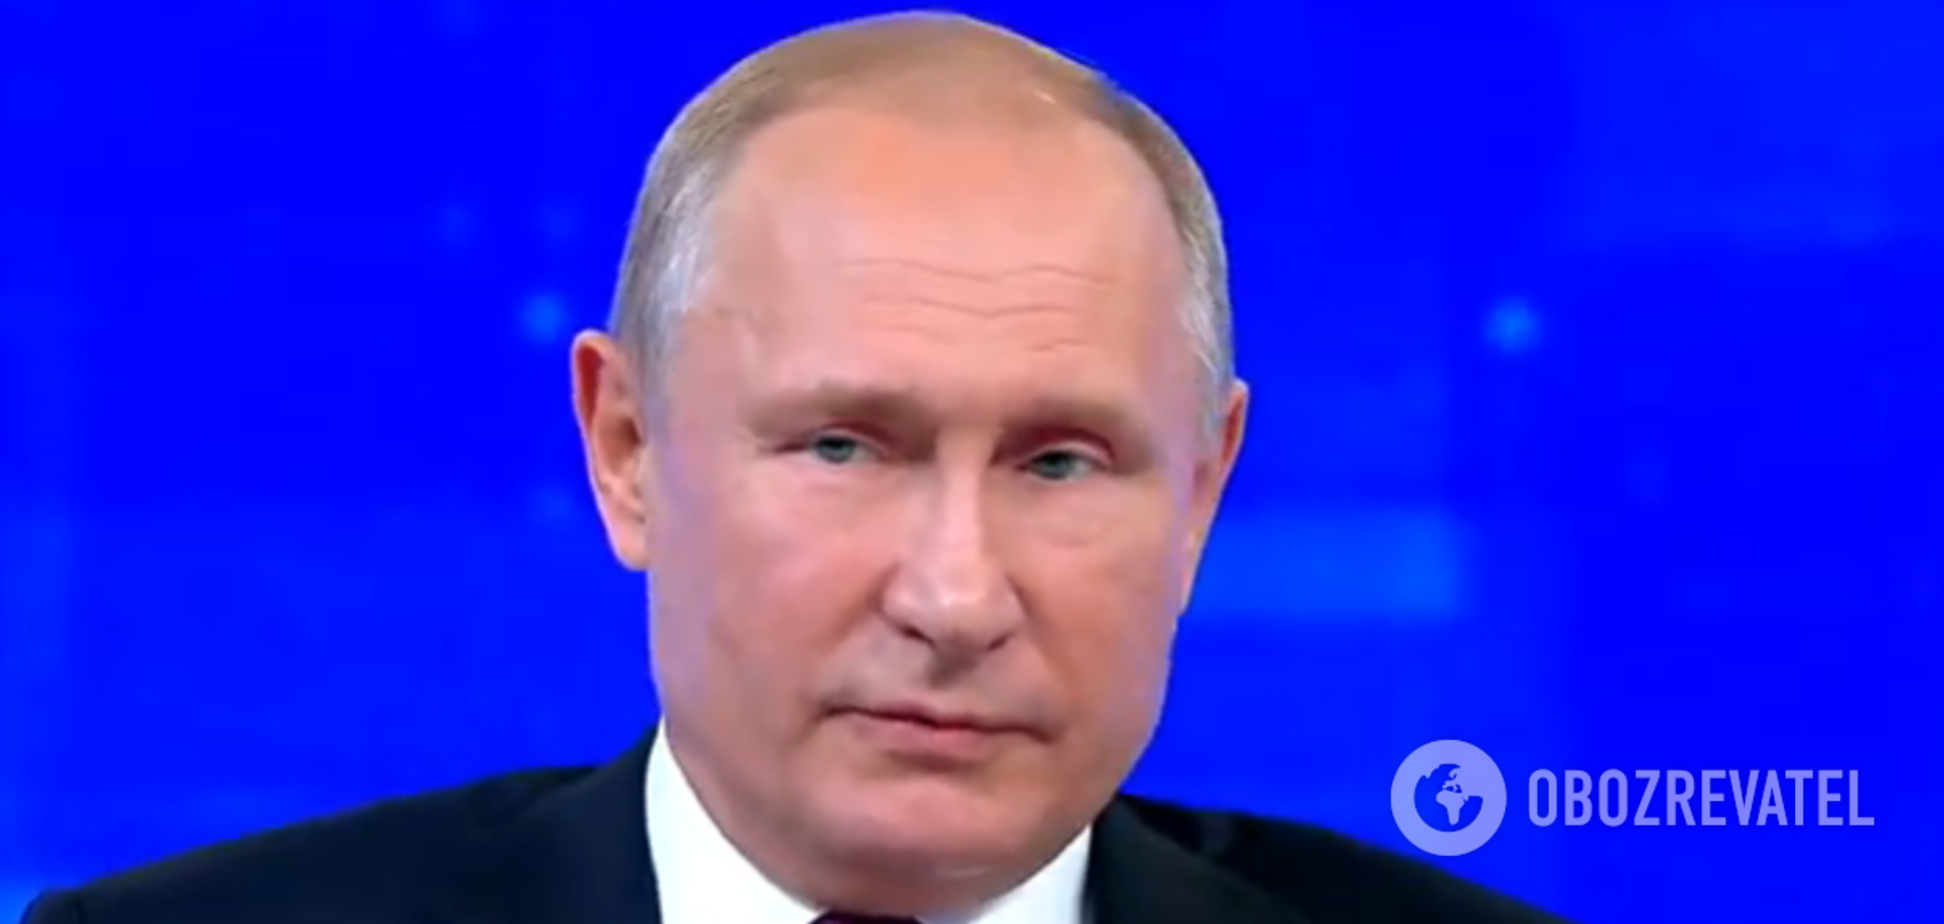 'Повинні подумати': Путін згадав розмову із Медведчуком про полонених